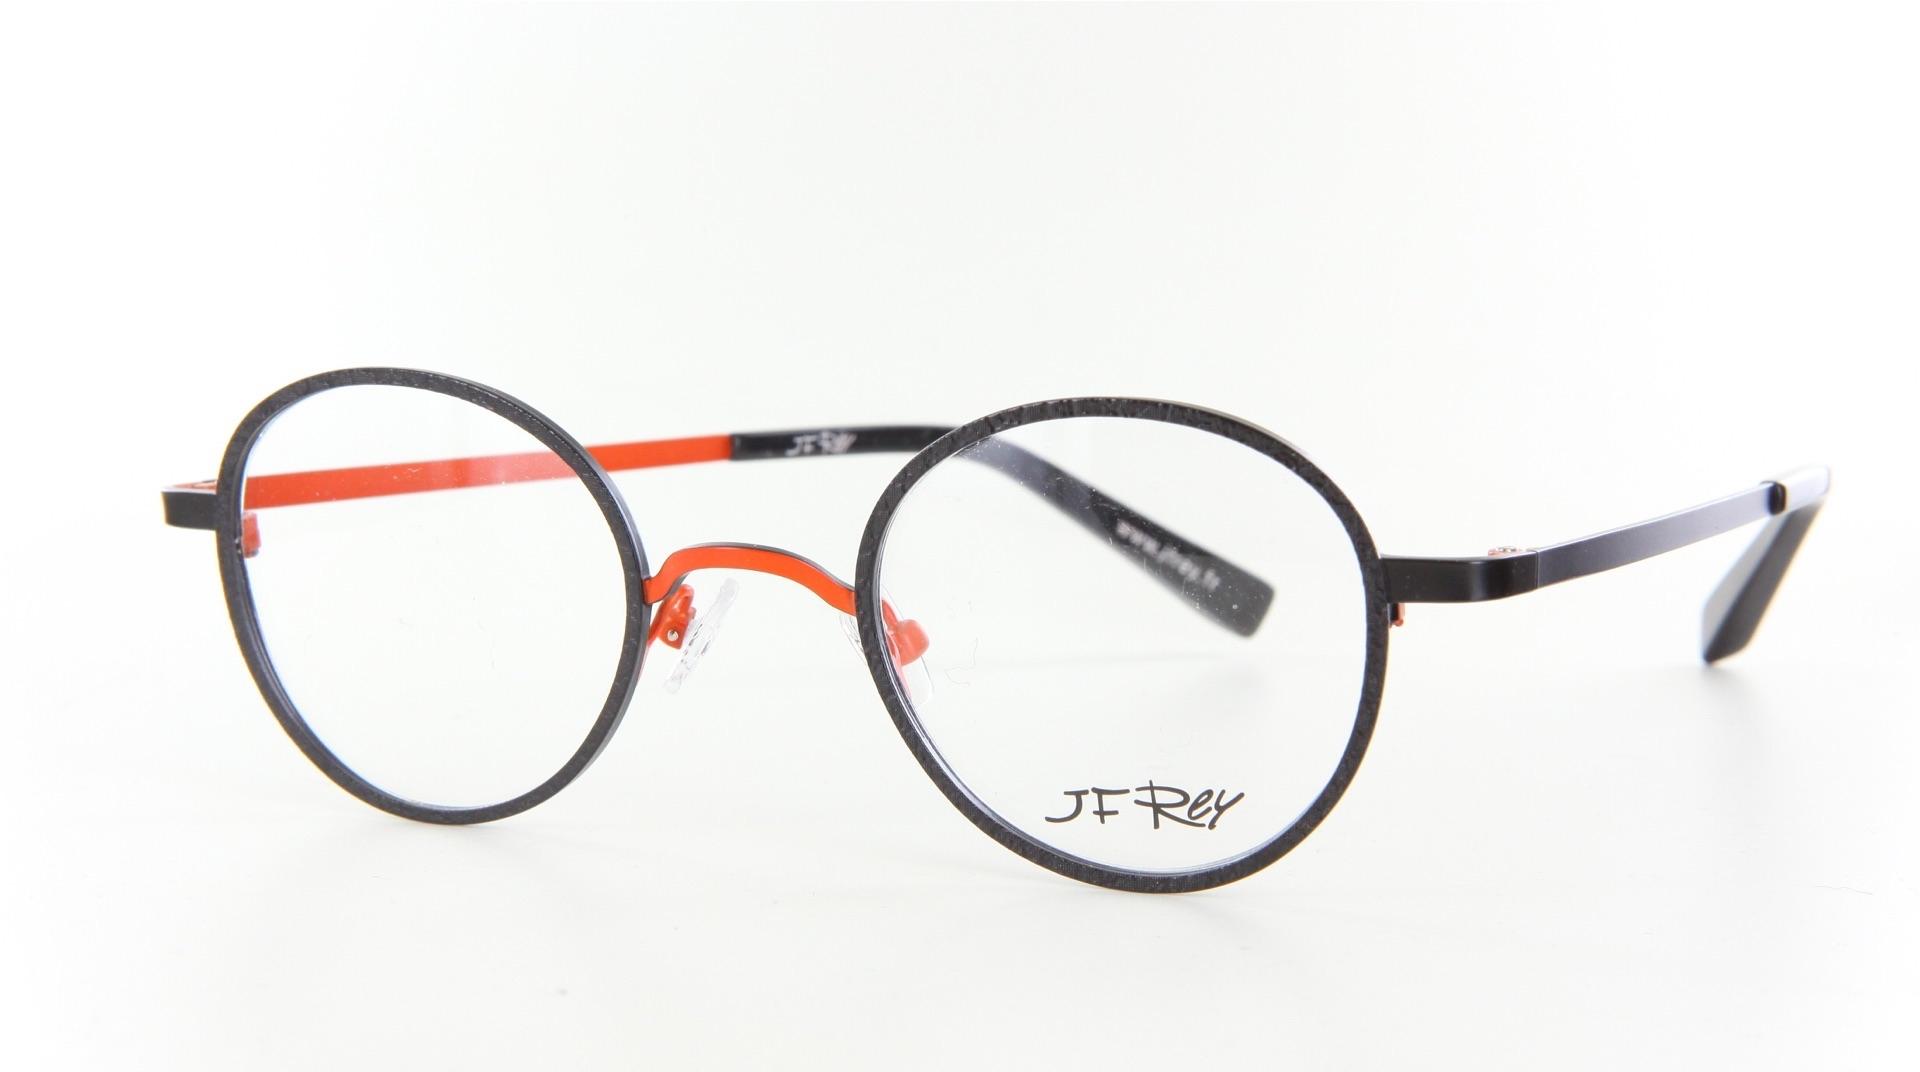 J.F. Rey - ref: 75700